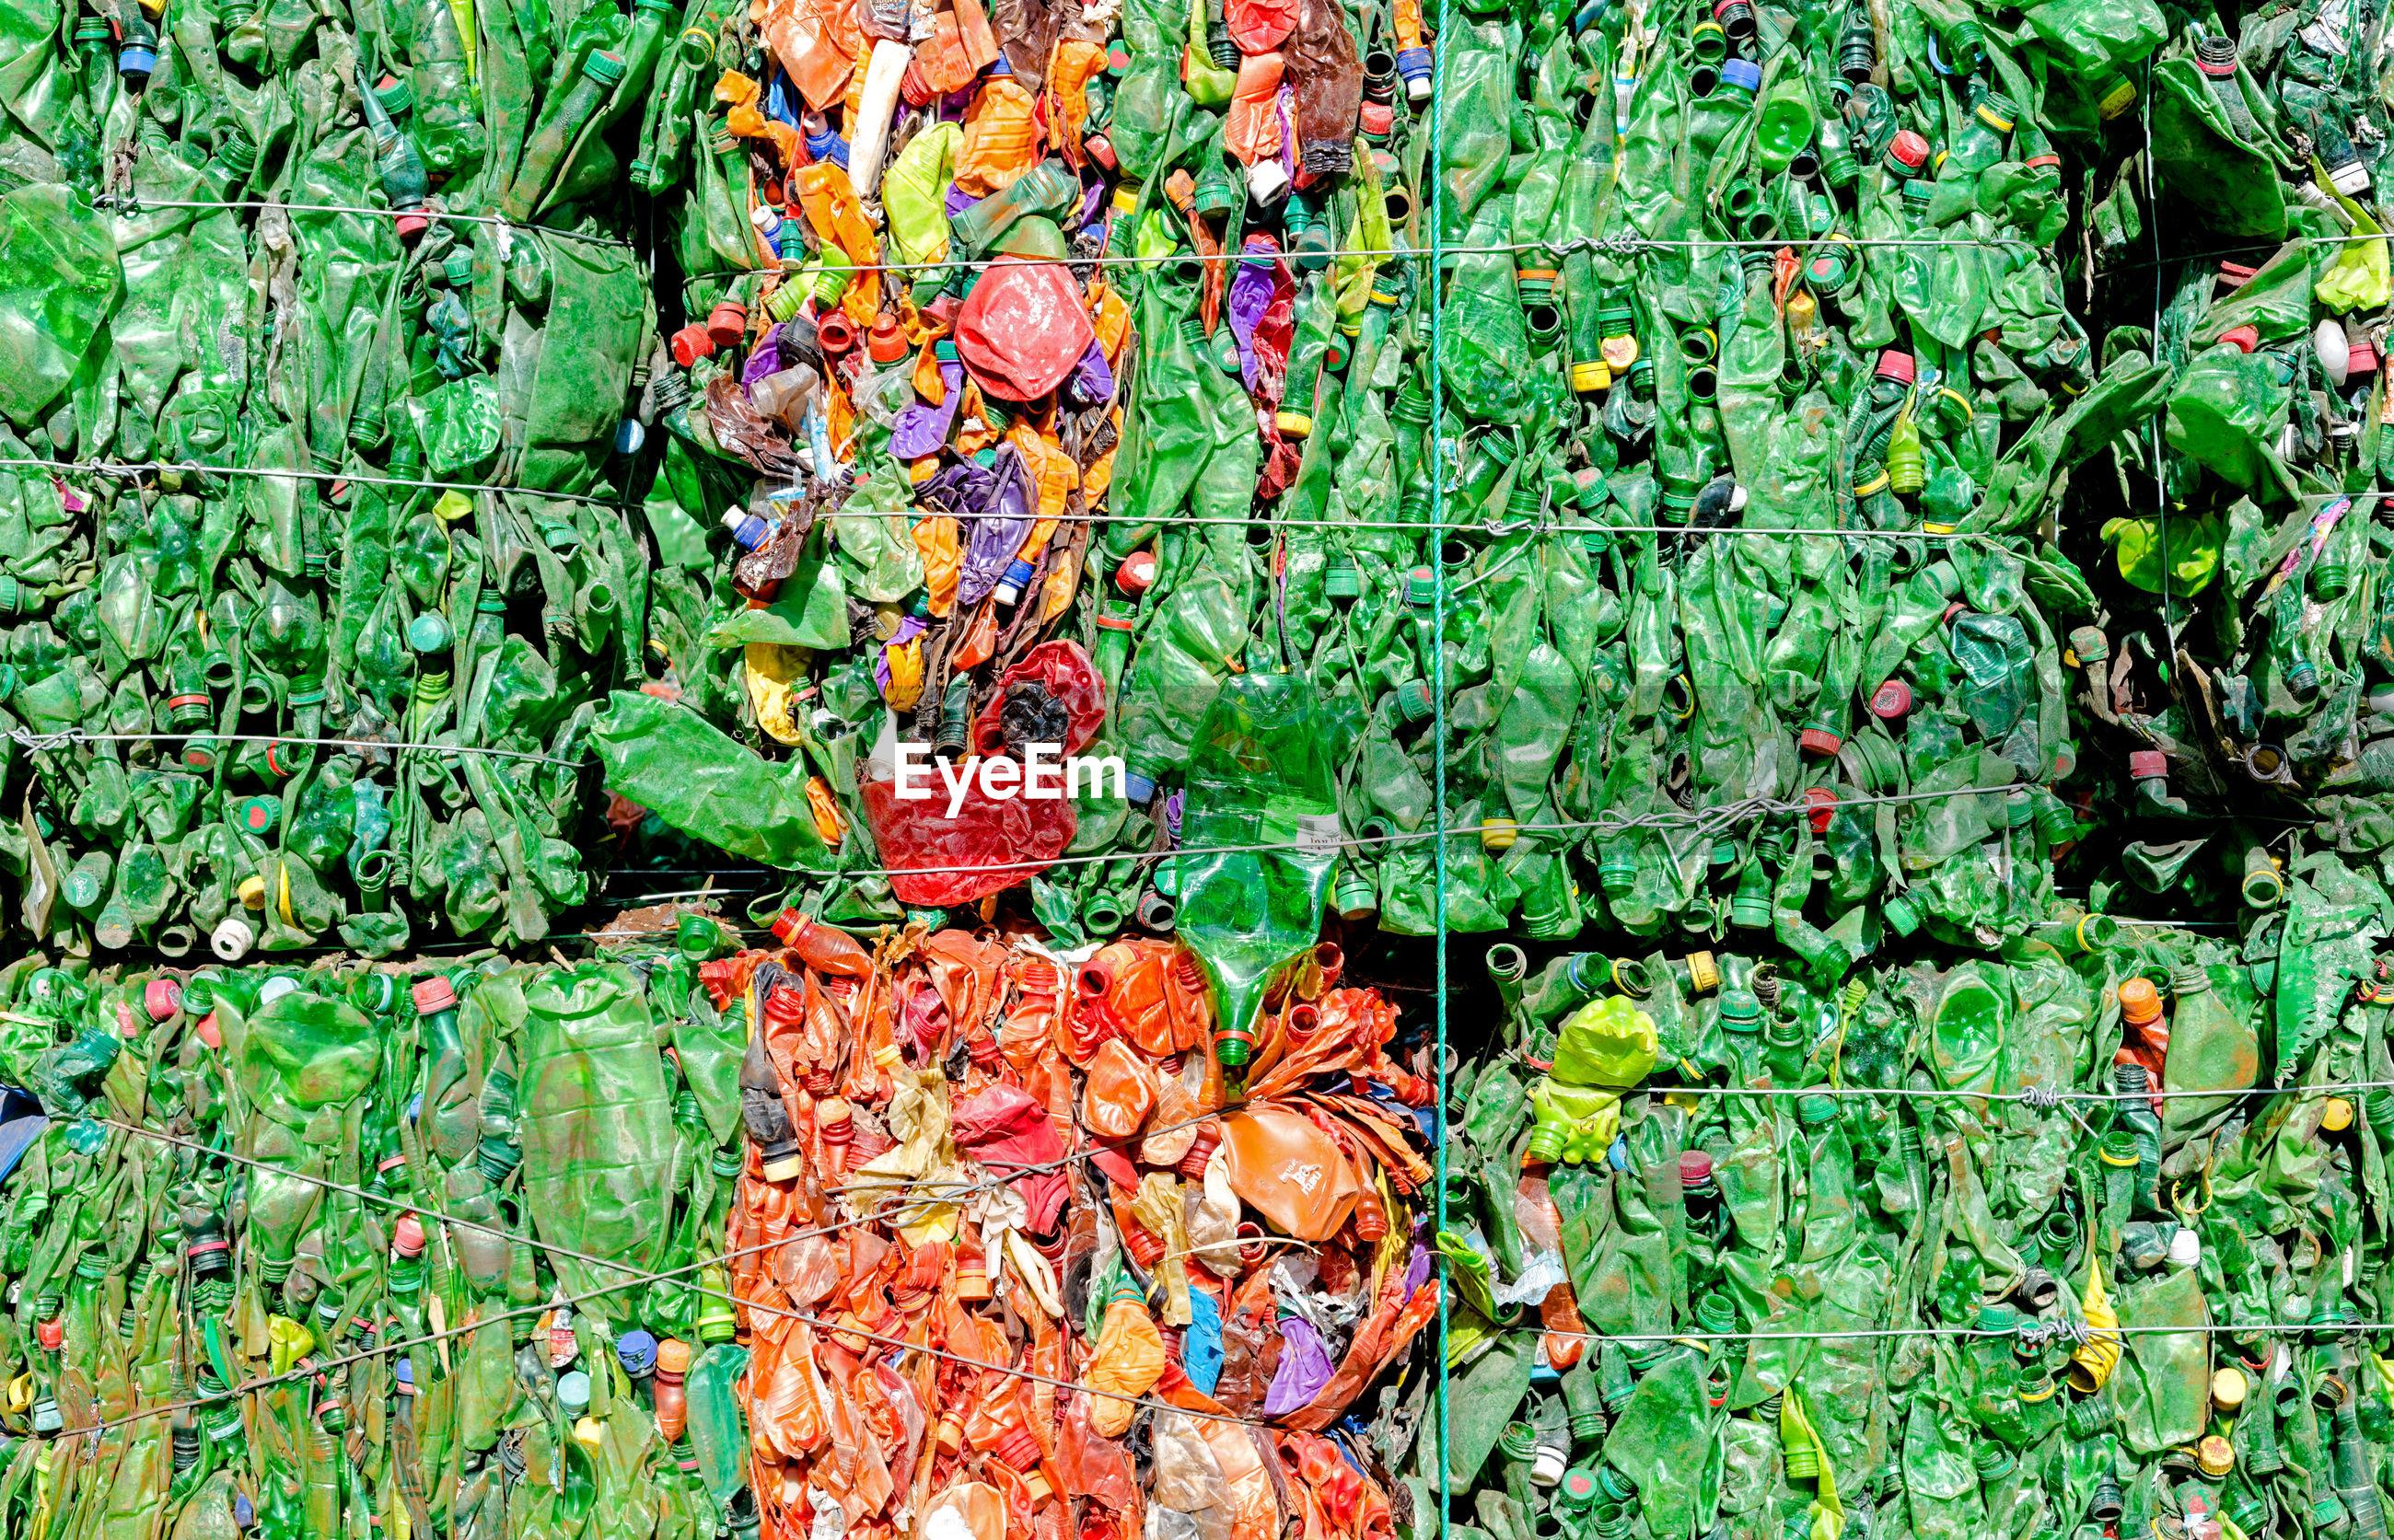 FULL FRAME SHOT OF MULTI COLORED FLOWERING PLANTS